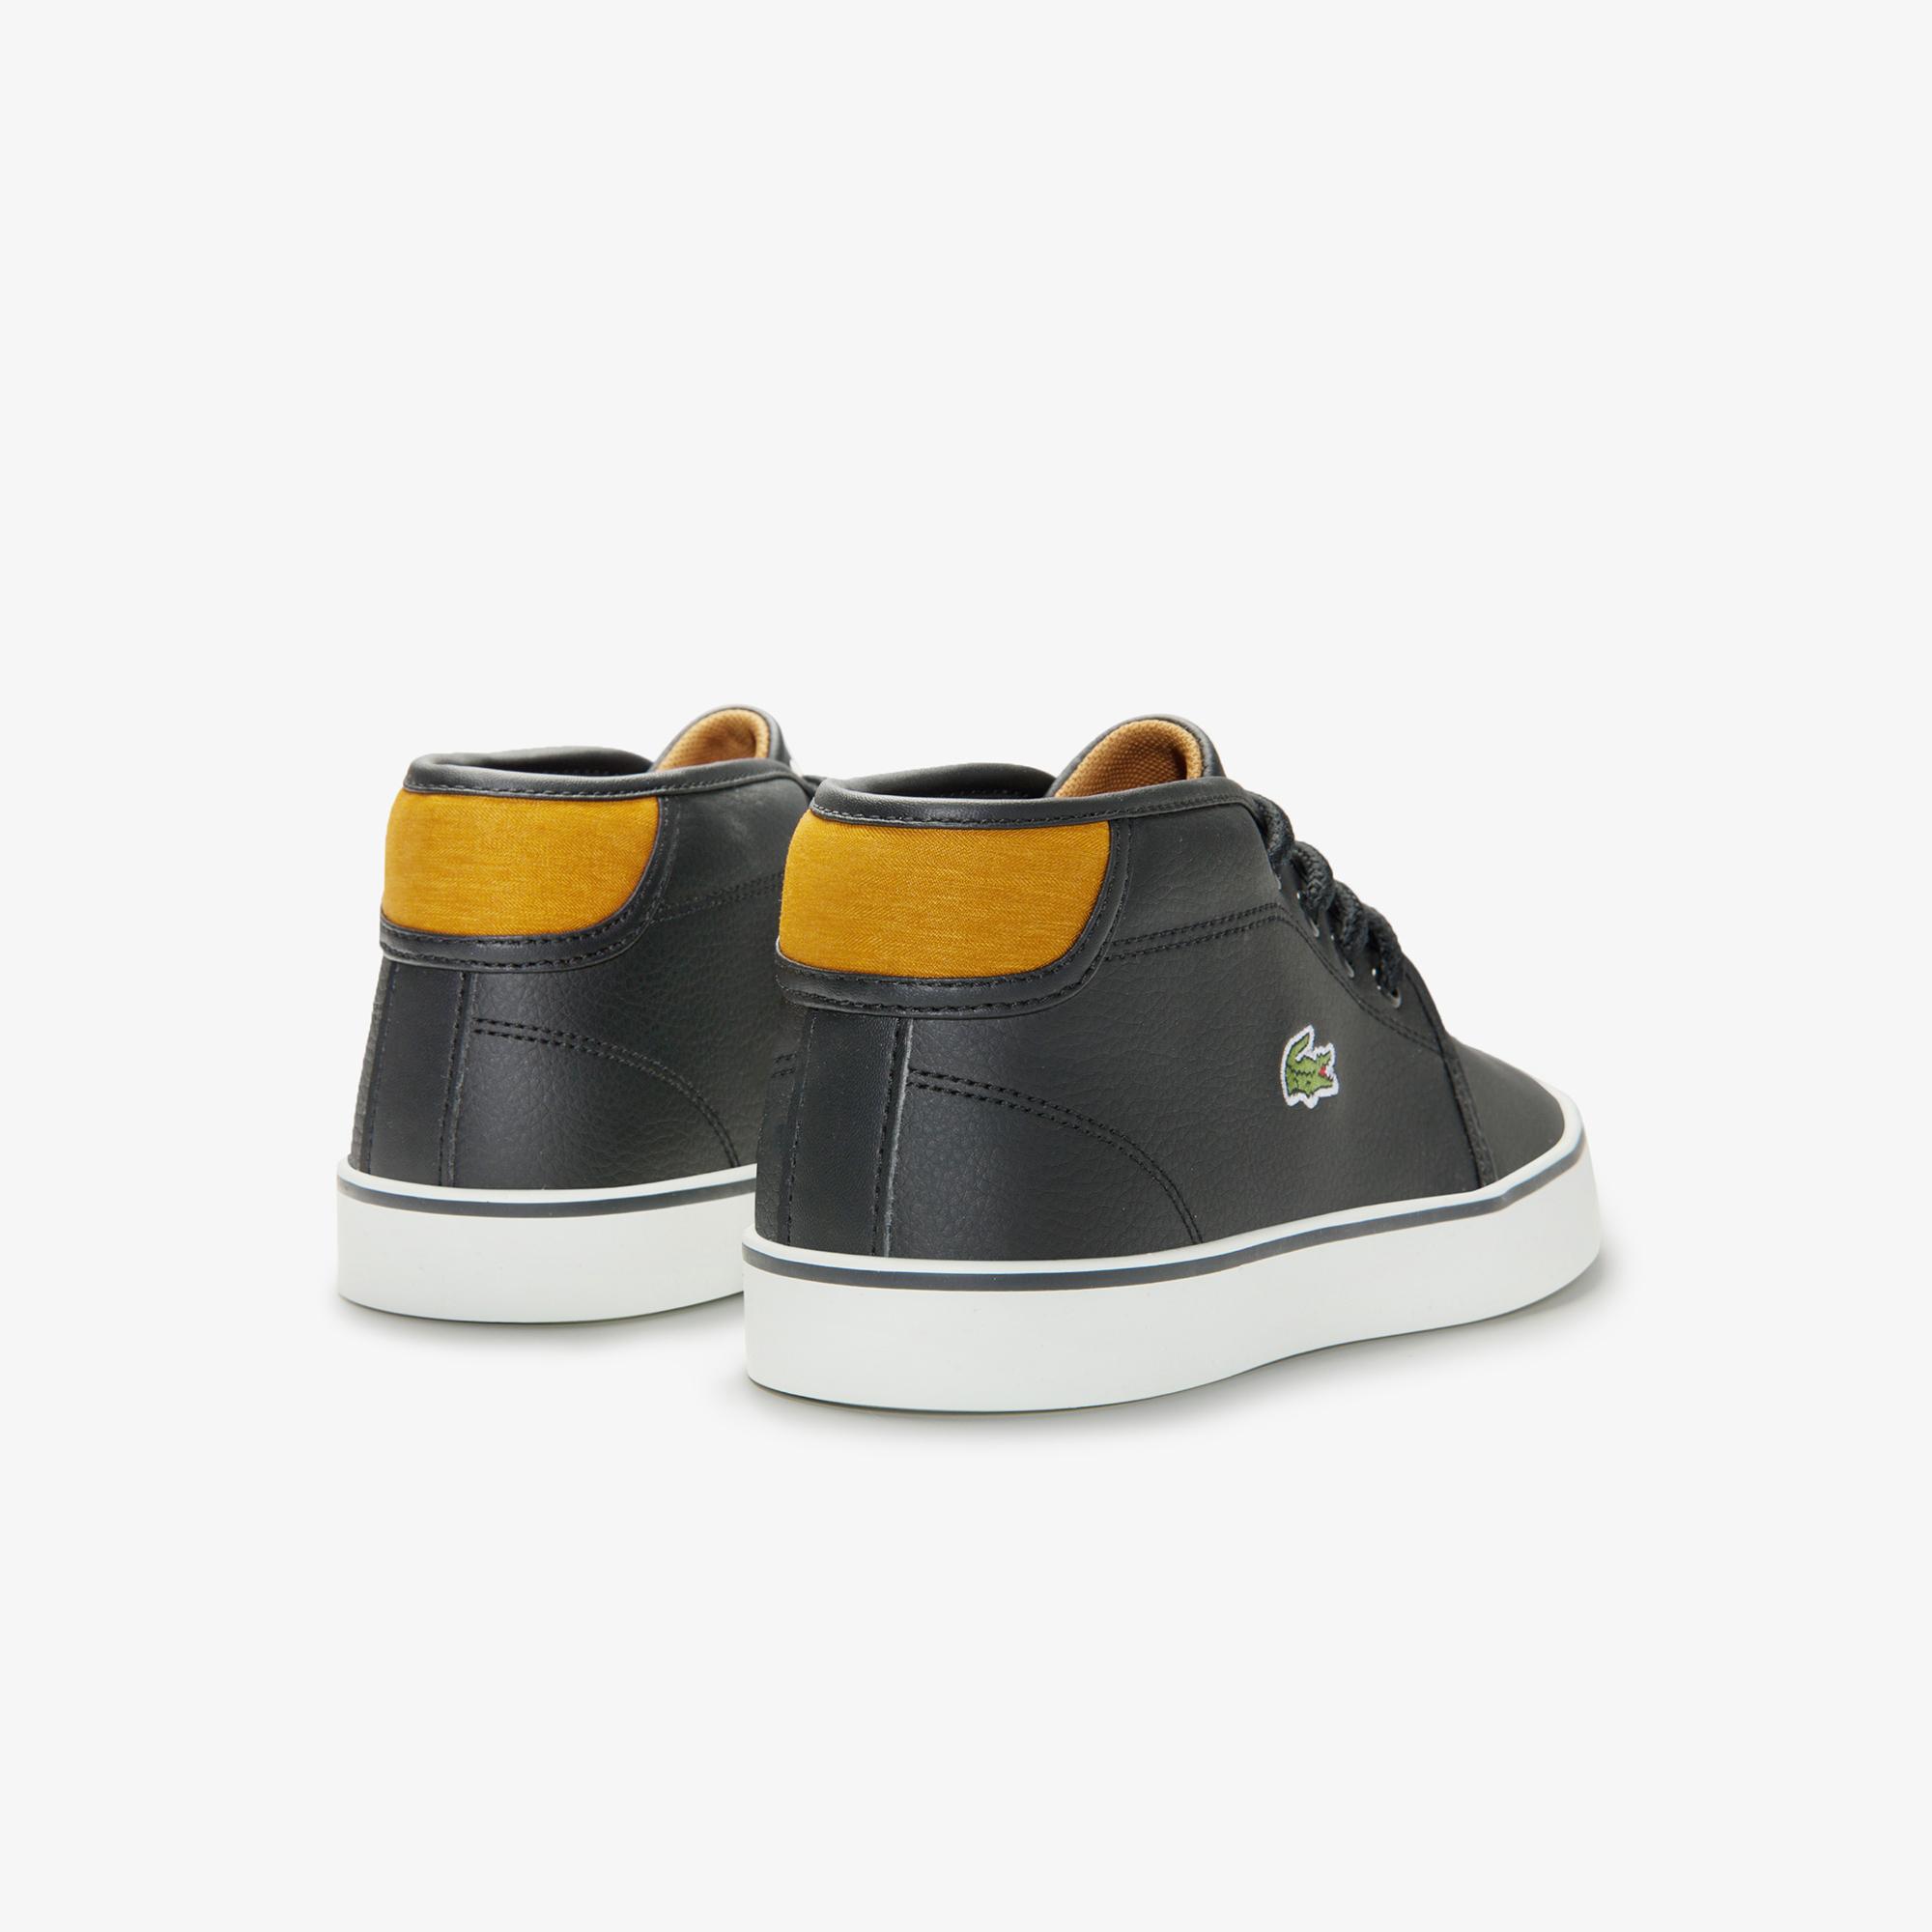 Lacoste Juniors' Shoes